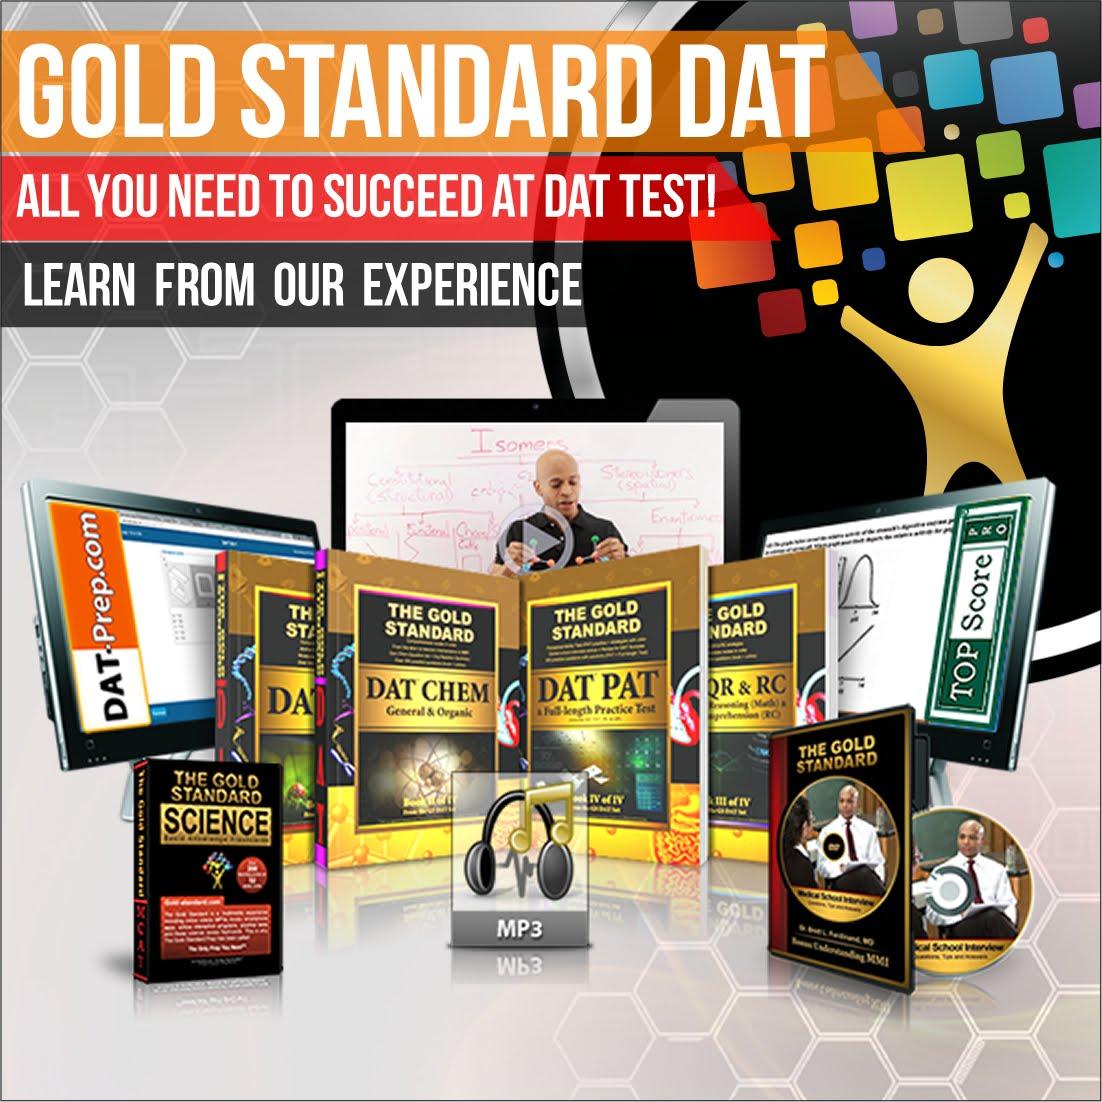 Gold Standard DAT!